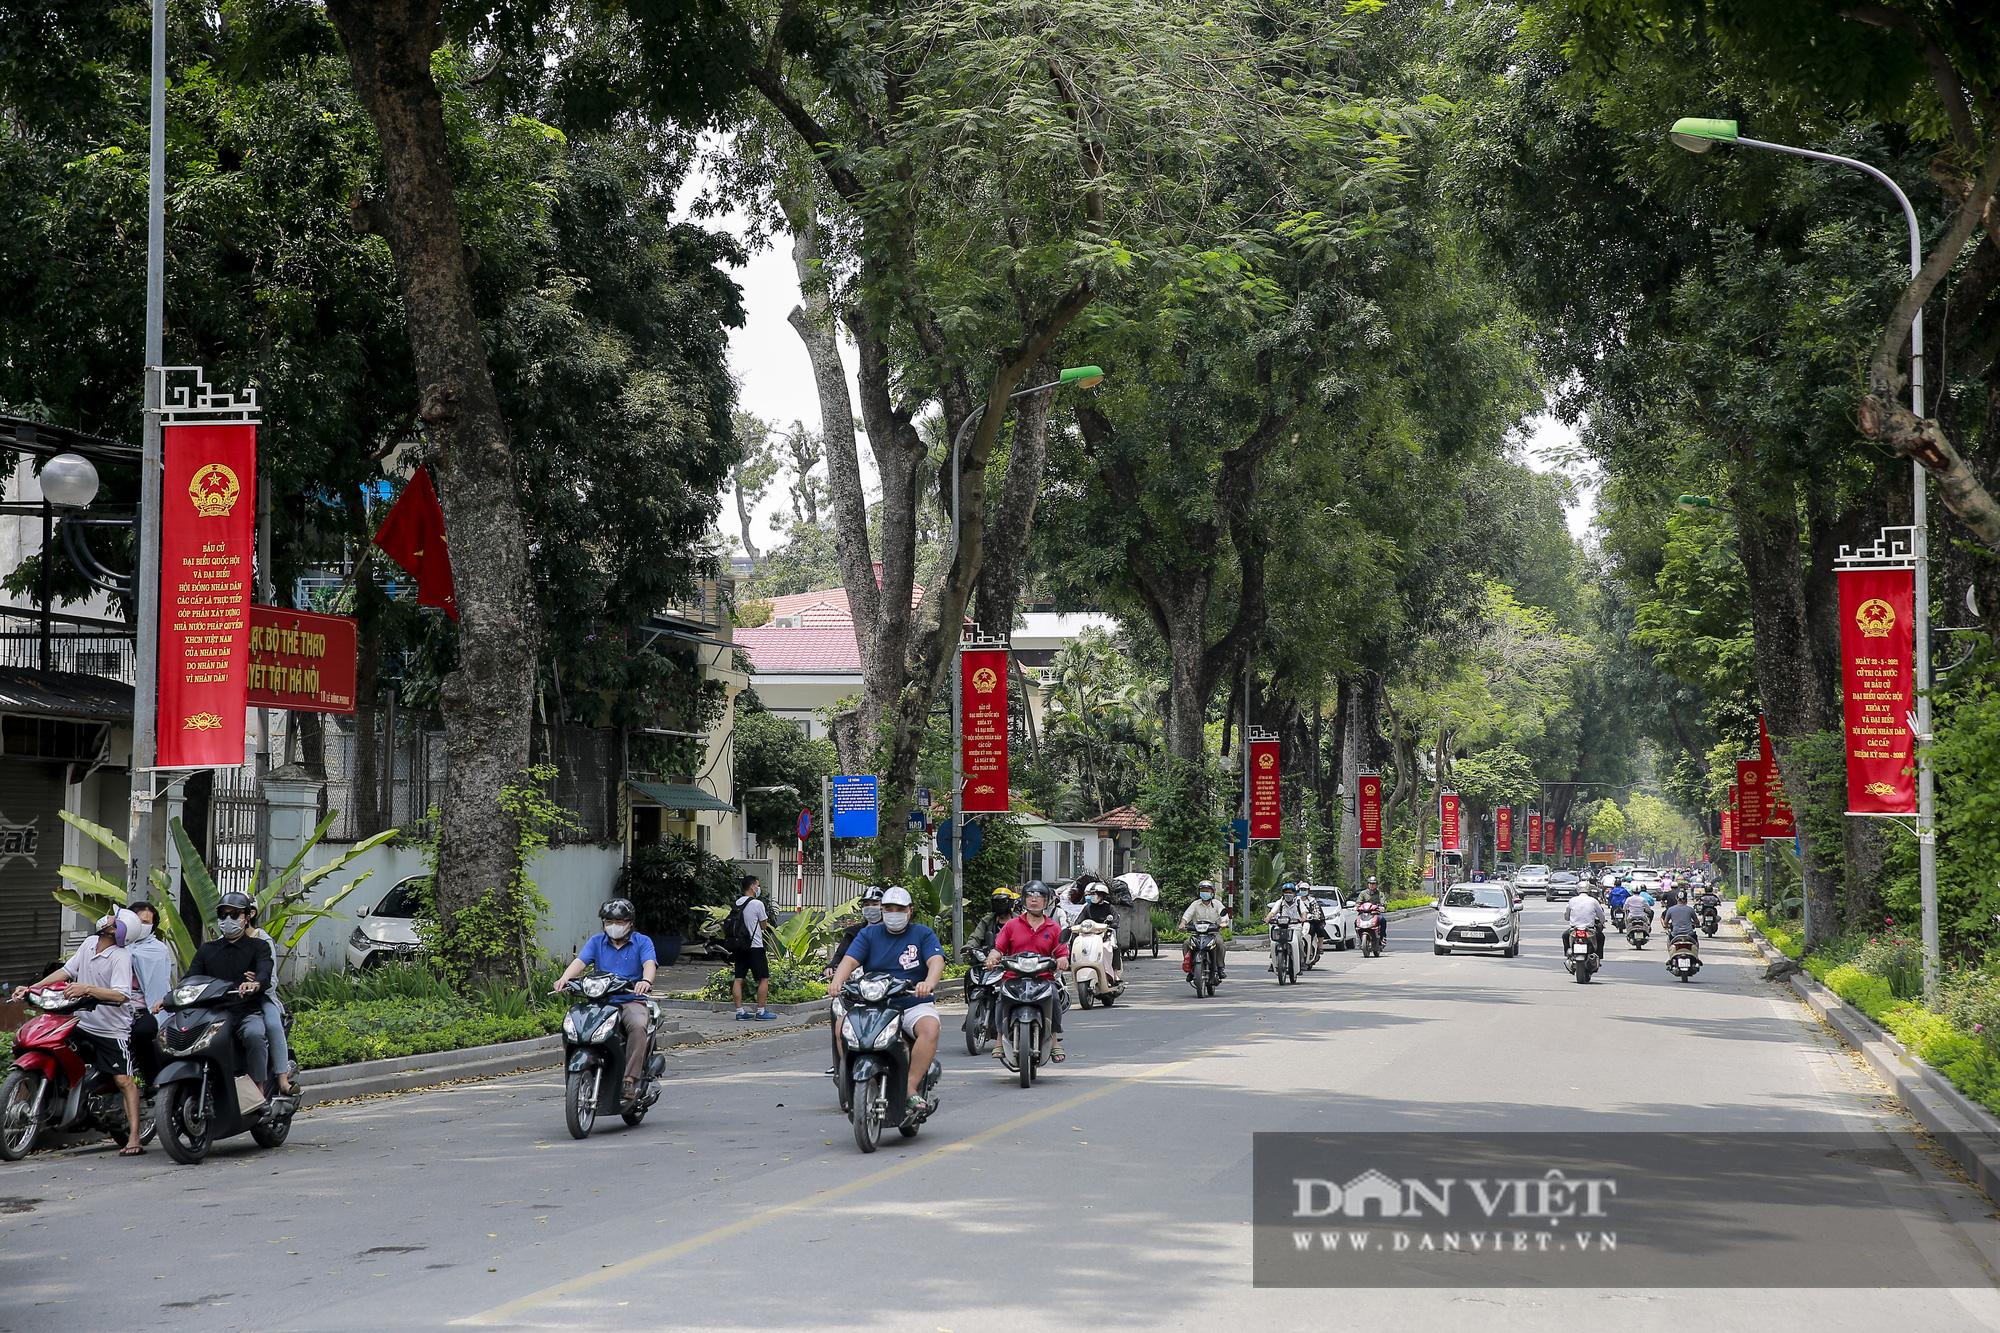 Đường phố Hà Nội trang hoàng rực rỡ trước ngày bầu cử - Ảnh 1.